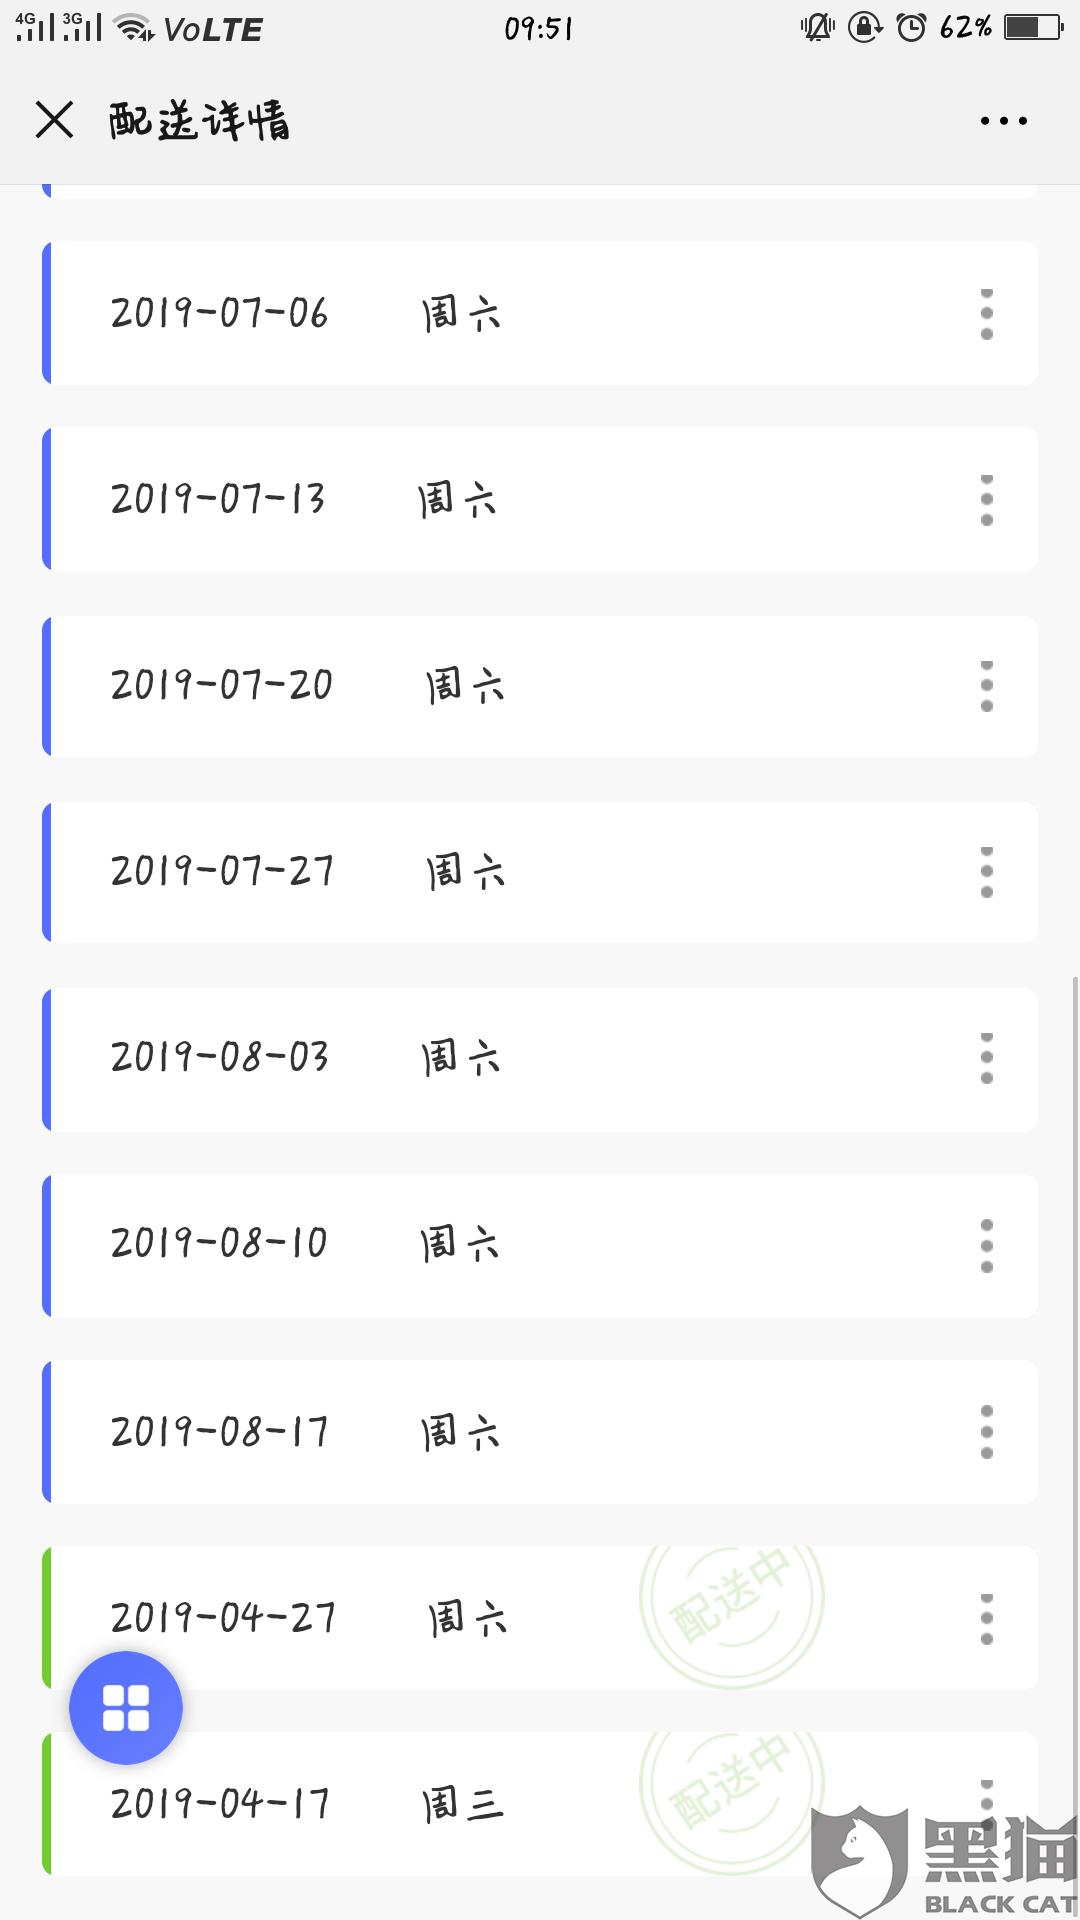 黑猫投诉:门客鲜花,虚假宣传,客服消失联系不上,不发货!!!